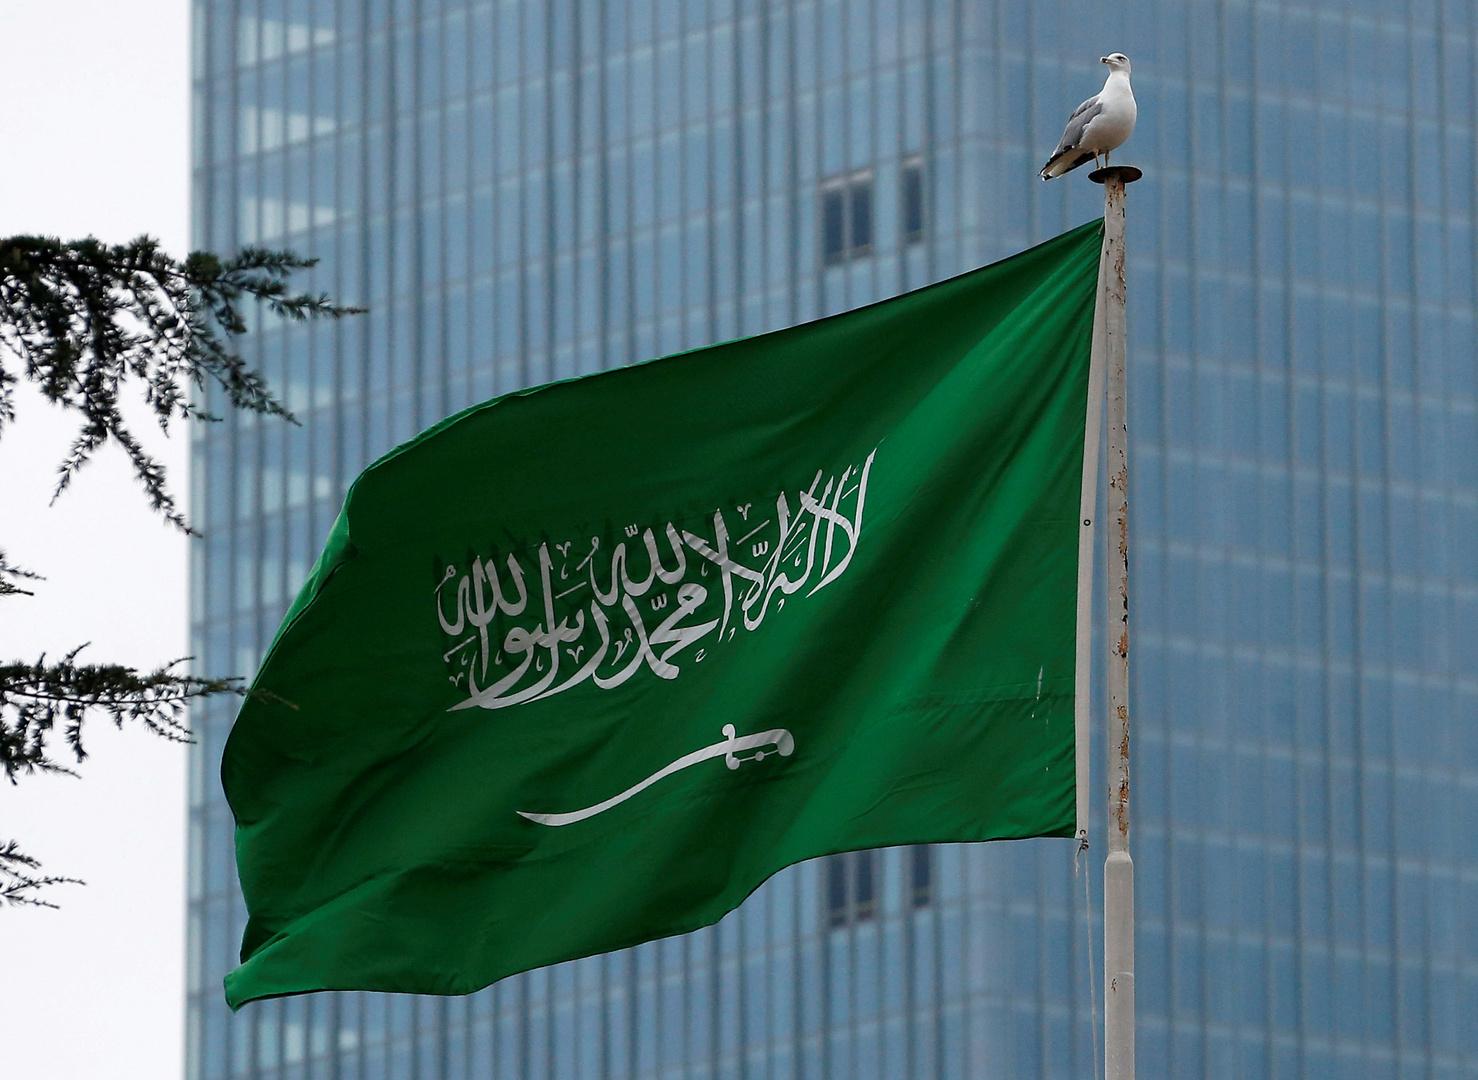 السعودية تعلن فرض غرامات على الأفراد والشركات التي لا تلتزم بقيود كورونا